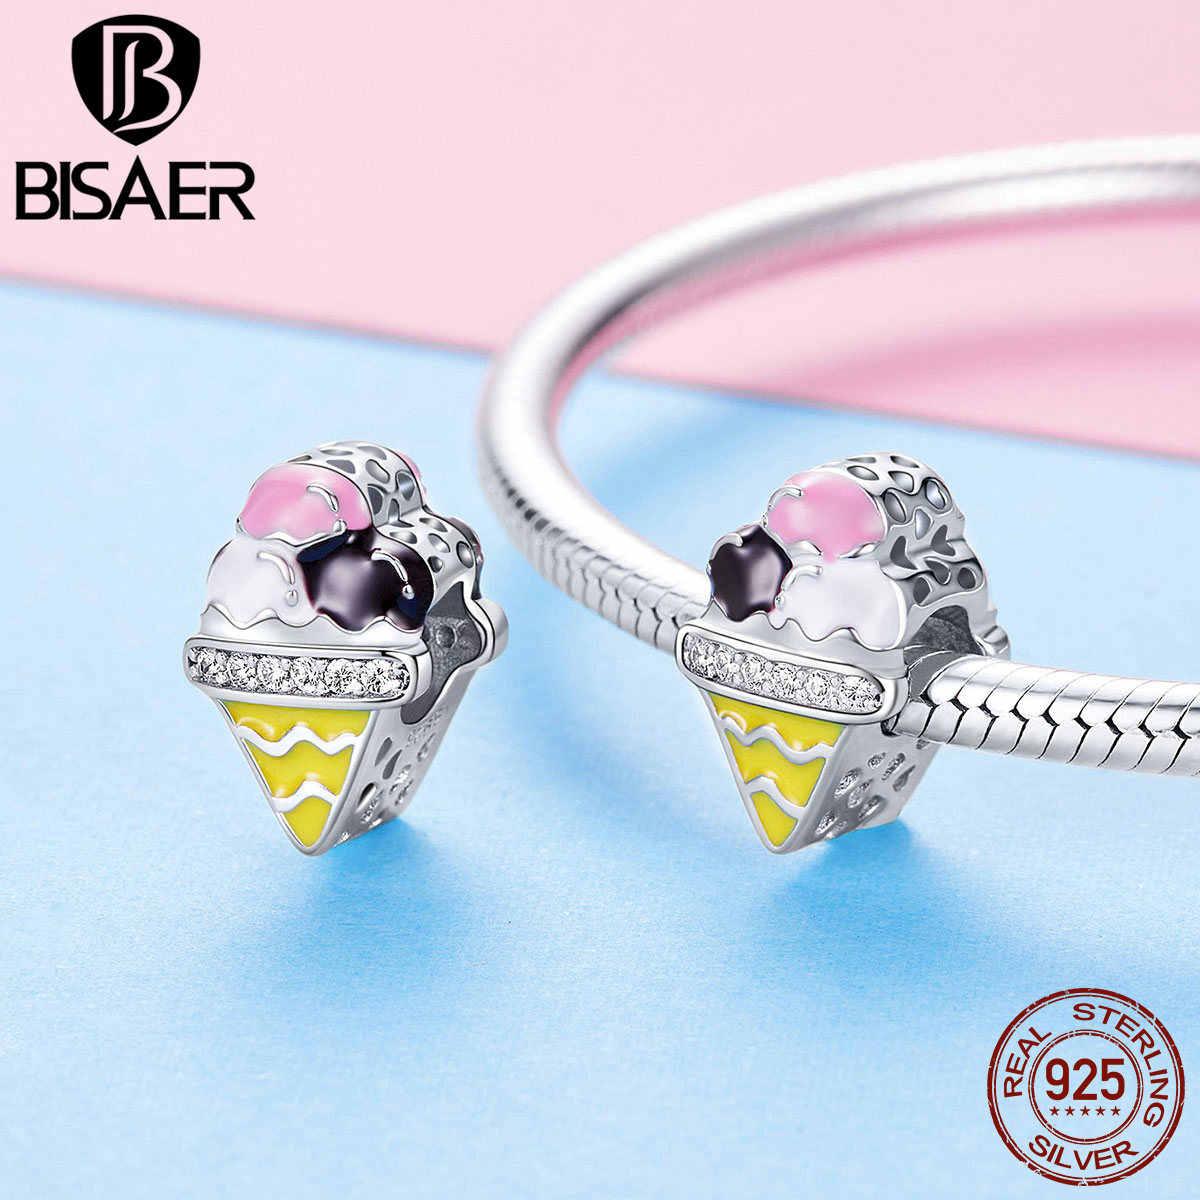 Bisaer venda quente 925 prata esterlina colorido sorvete contas pingentes caber charme pulseira colar de prata diy 925 jóias ecc1129